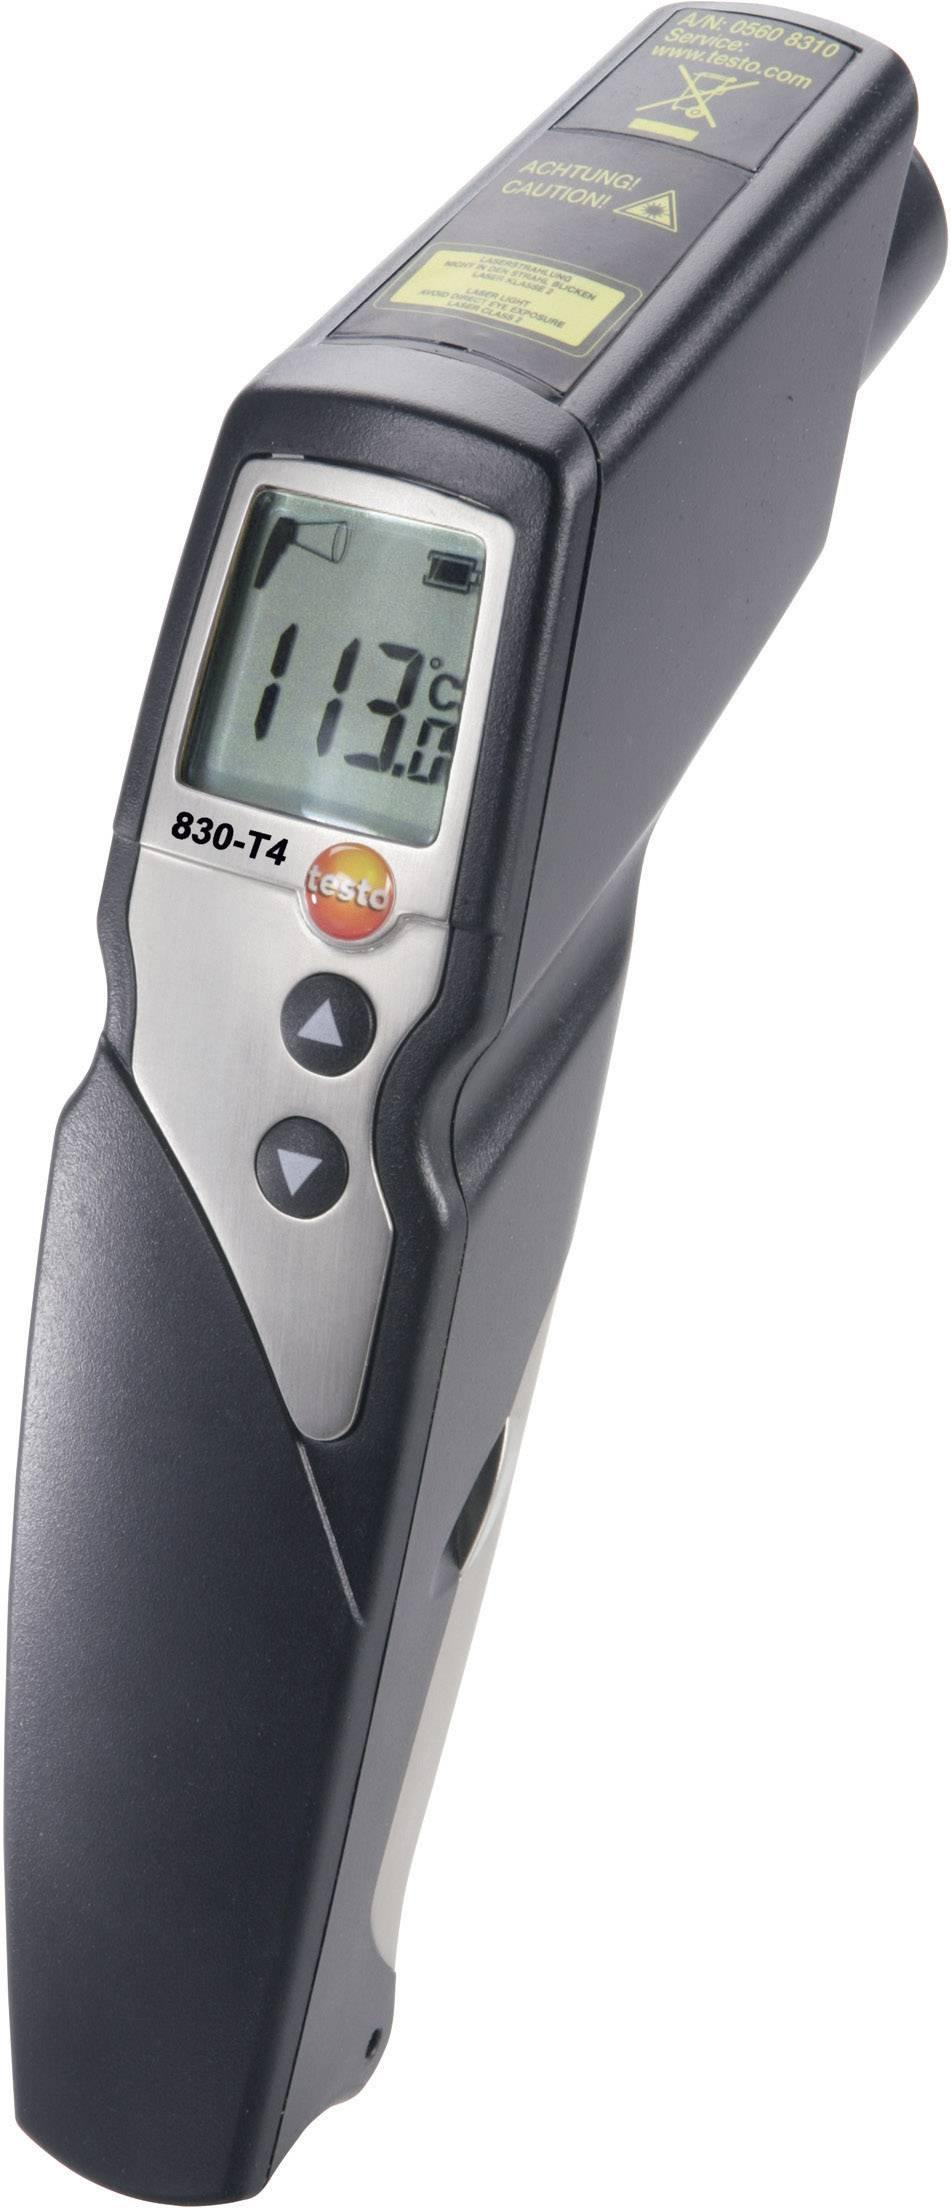 IR teploměr testo 830-T4, -30 až +400 °C